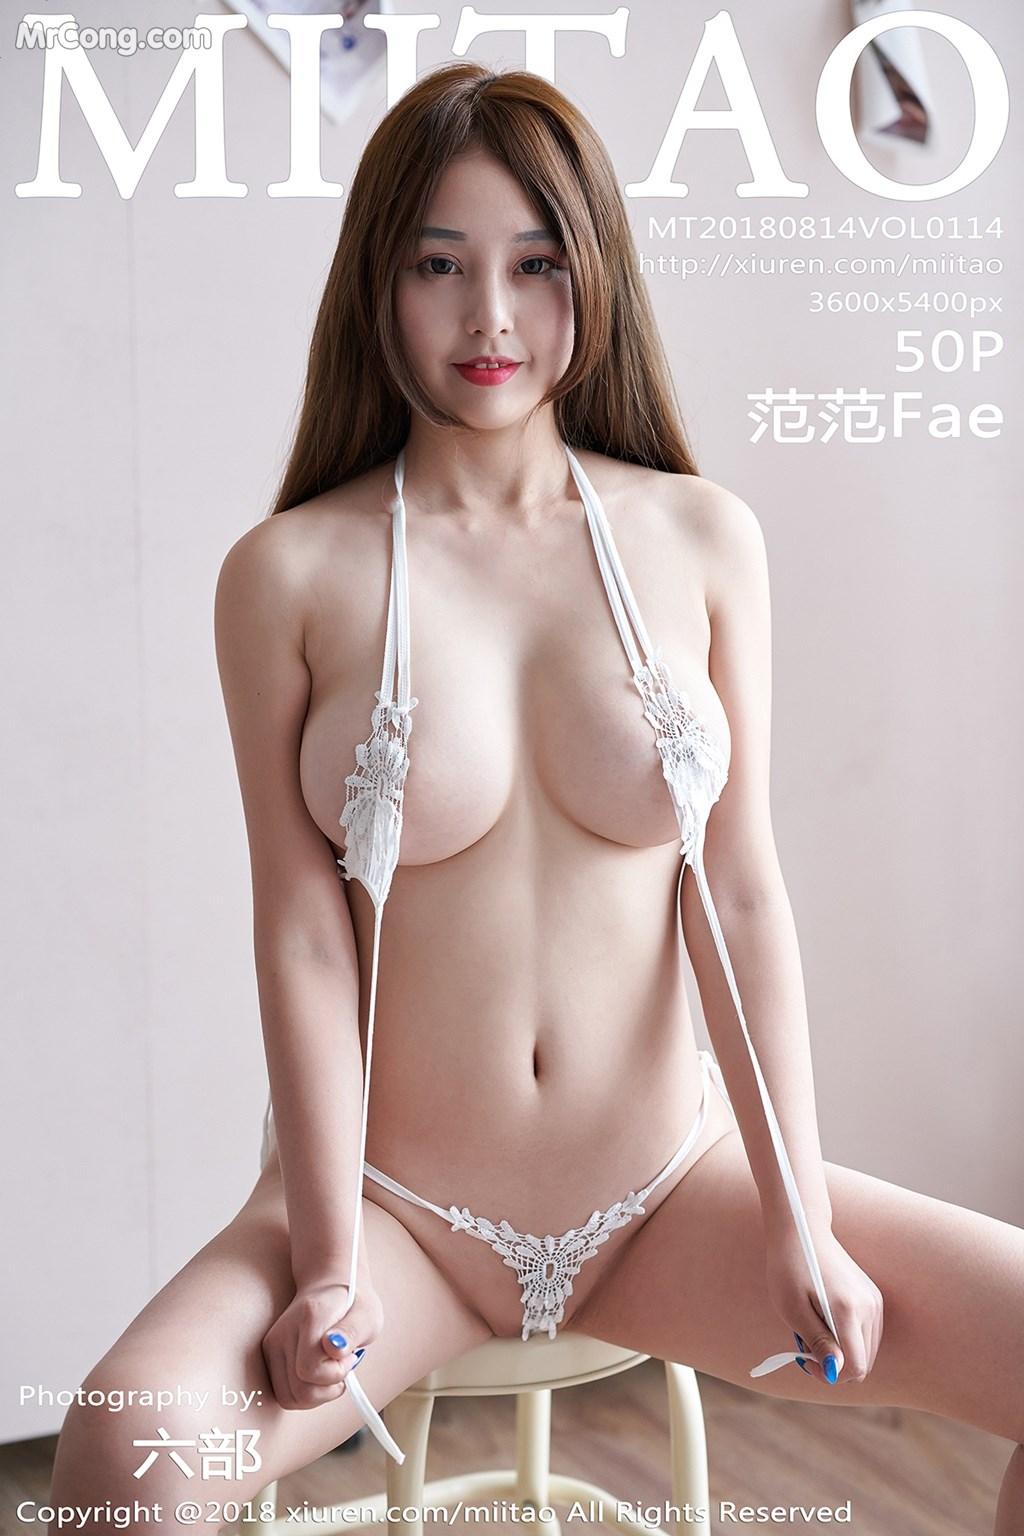 MiiTao Vol.114: Người mẫu 范范Fae (51 ảnh)